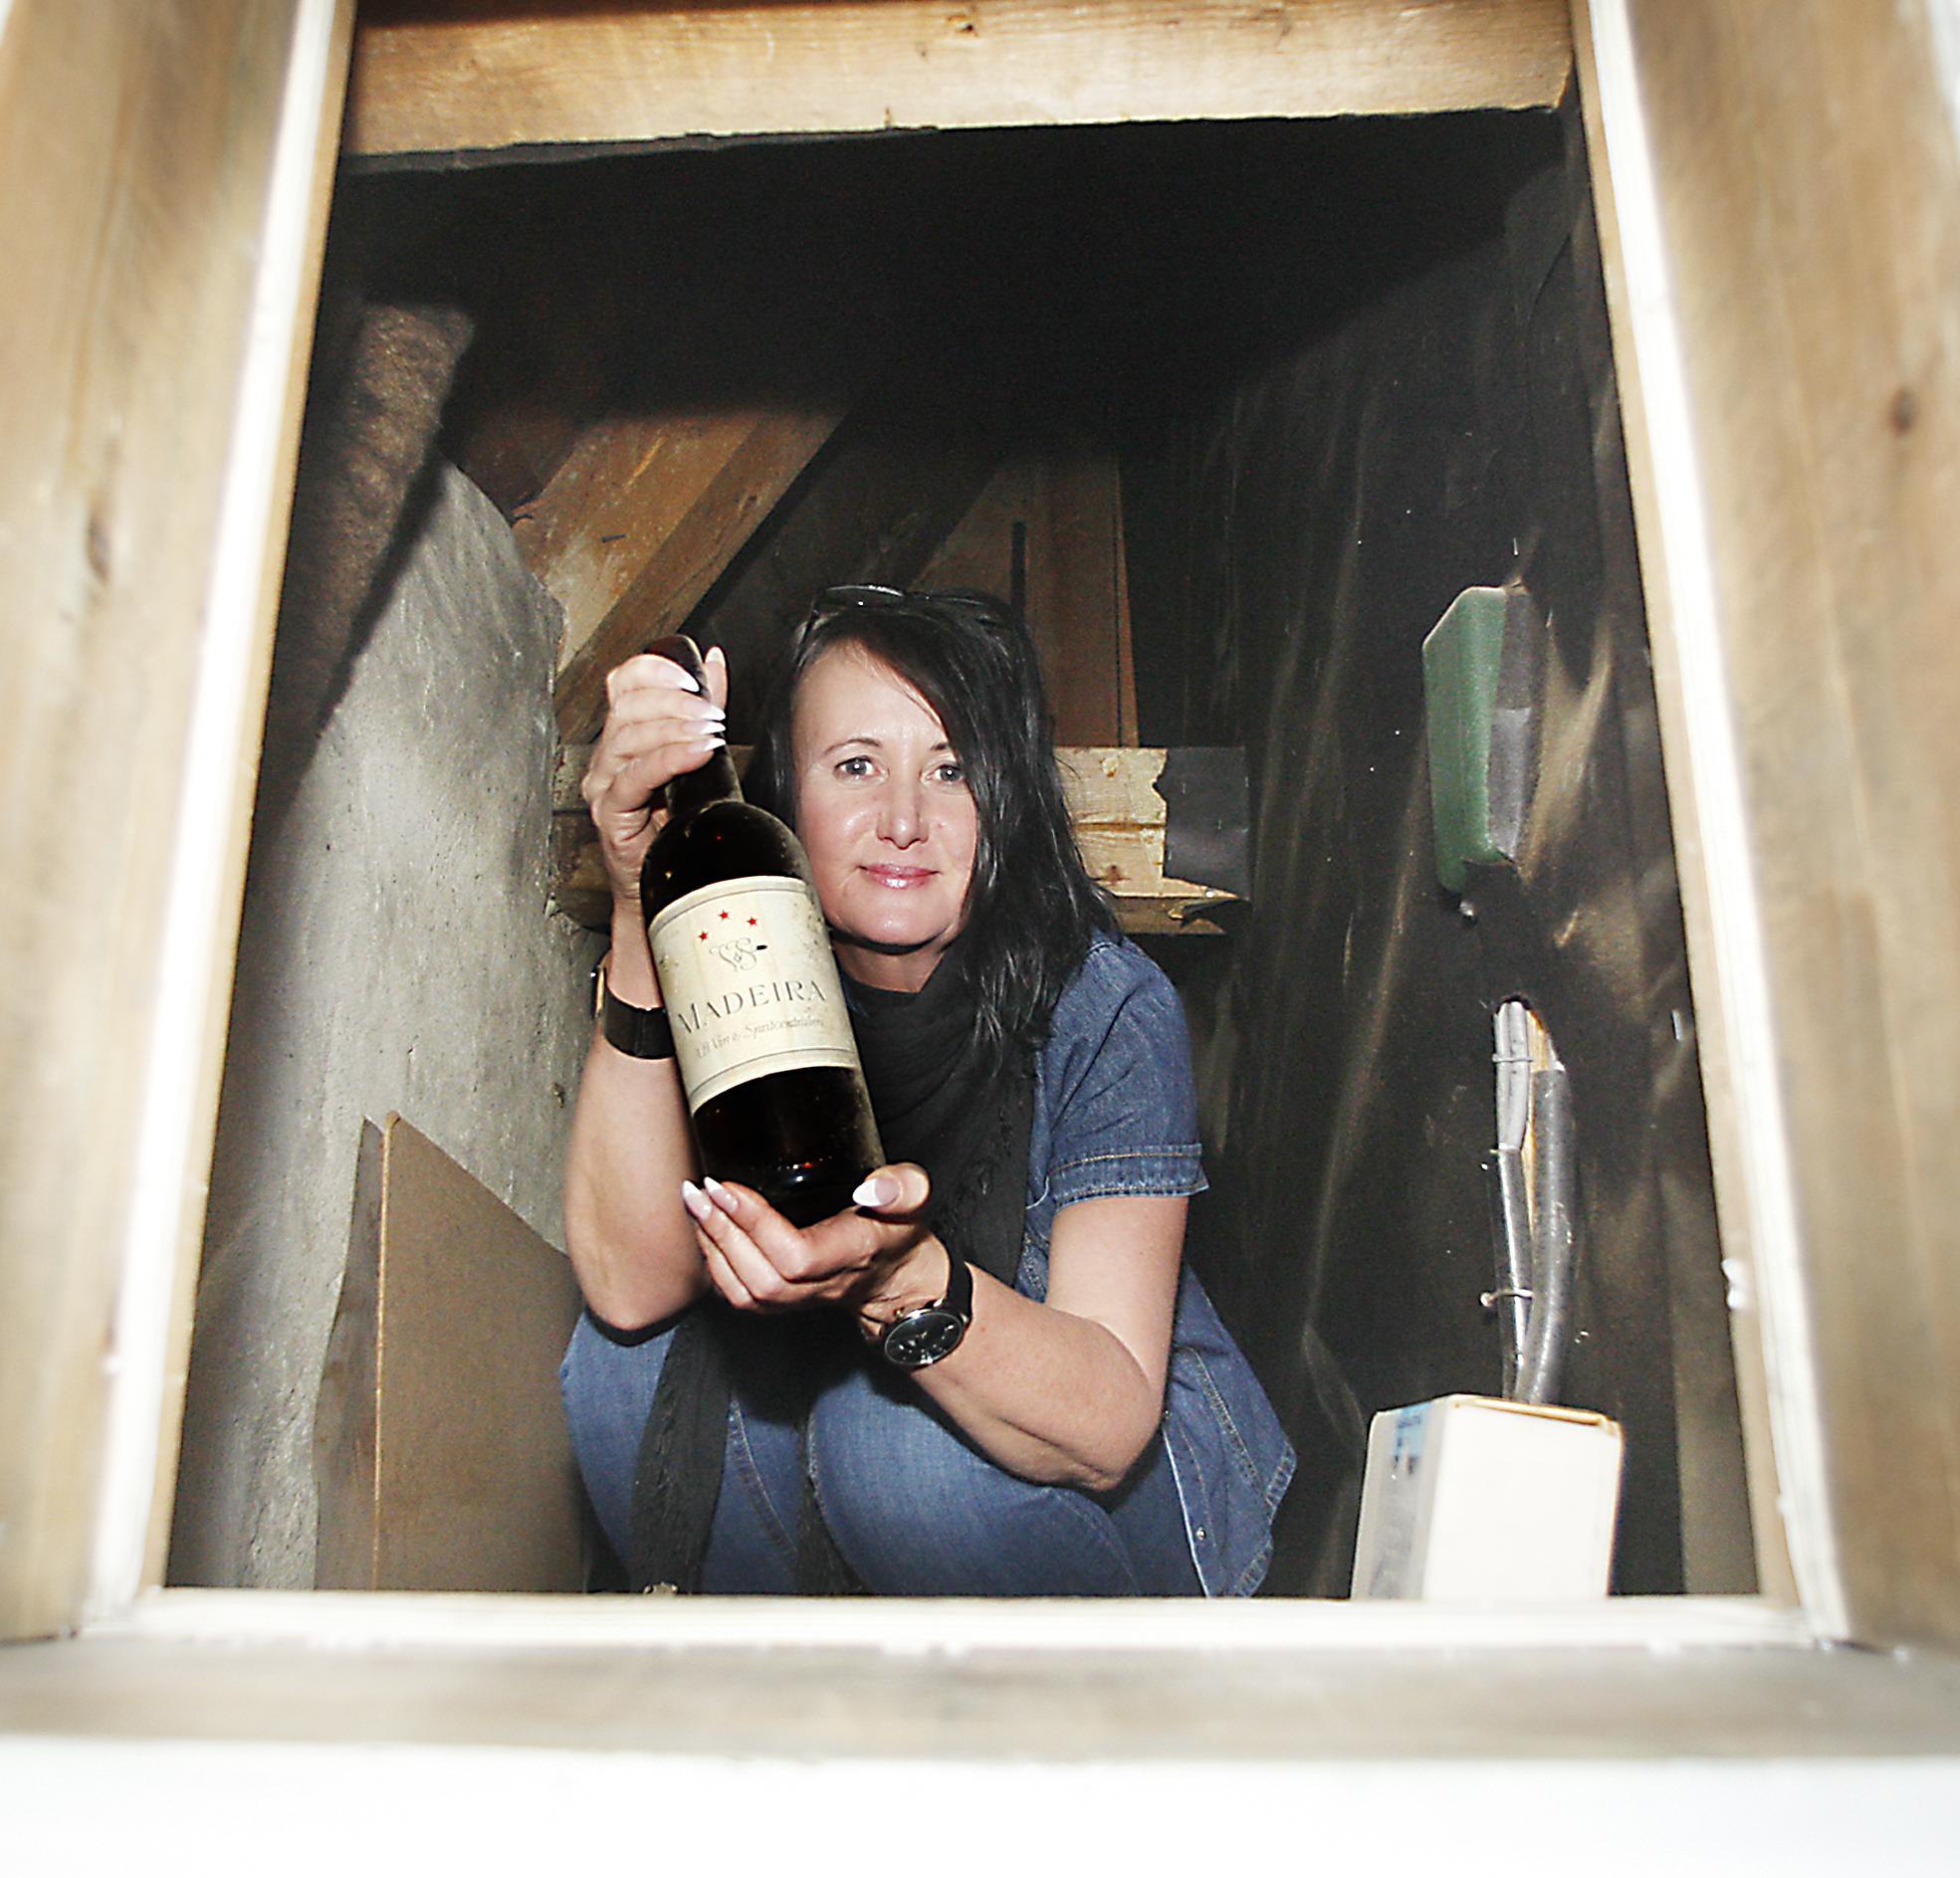 Hundraårig vinflaska dök upp när rådhuset besiktades